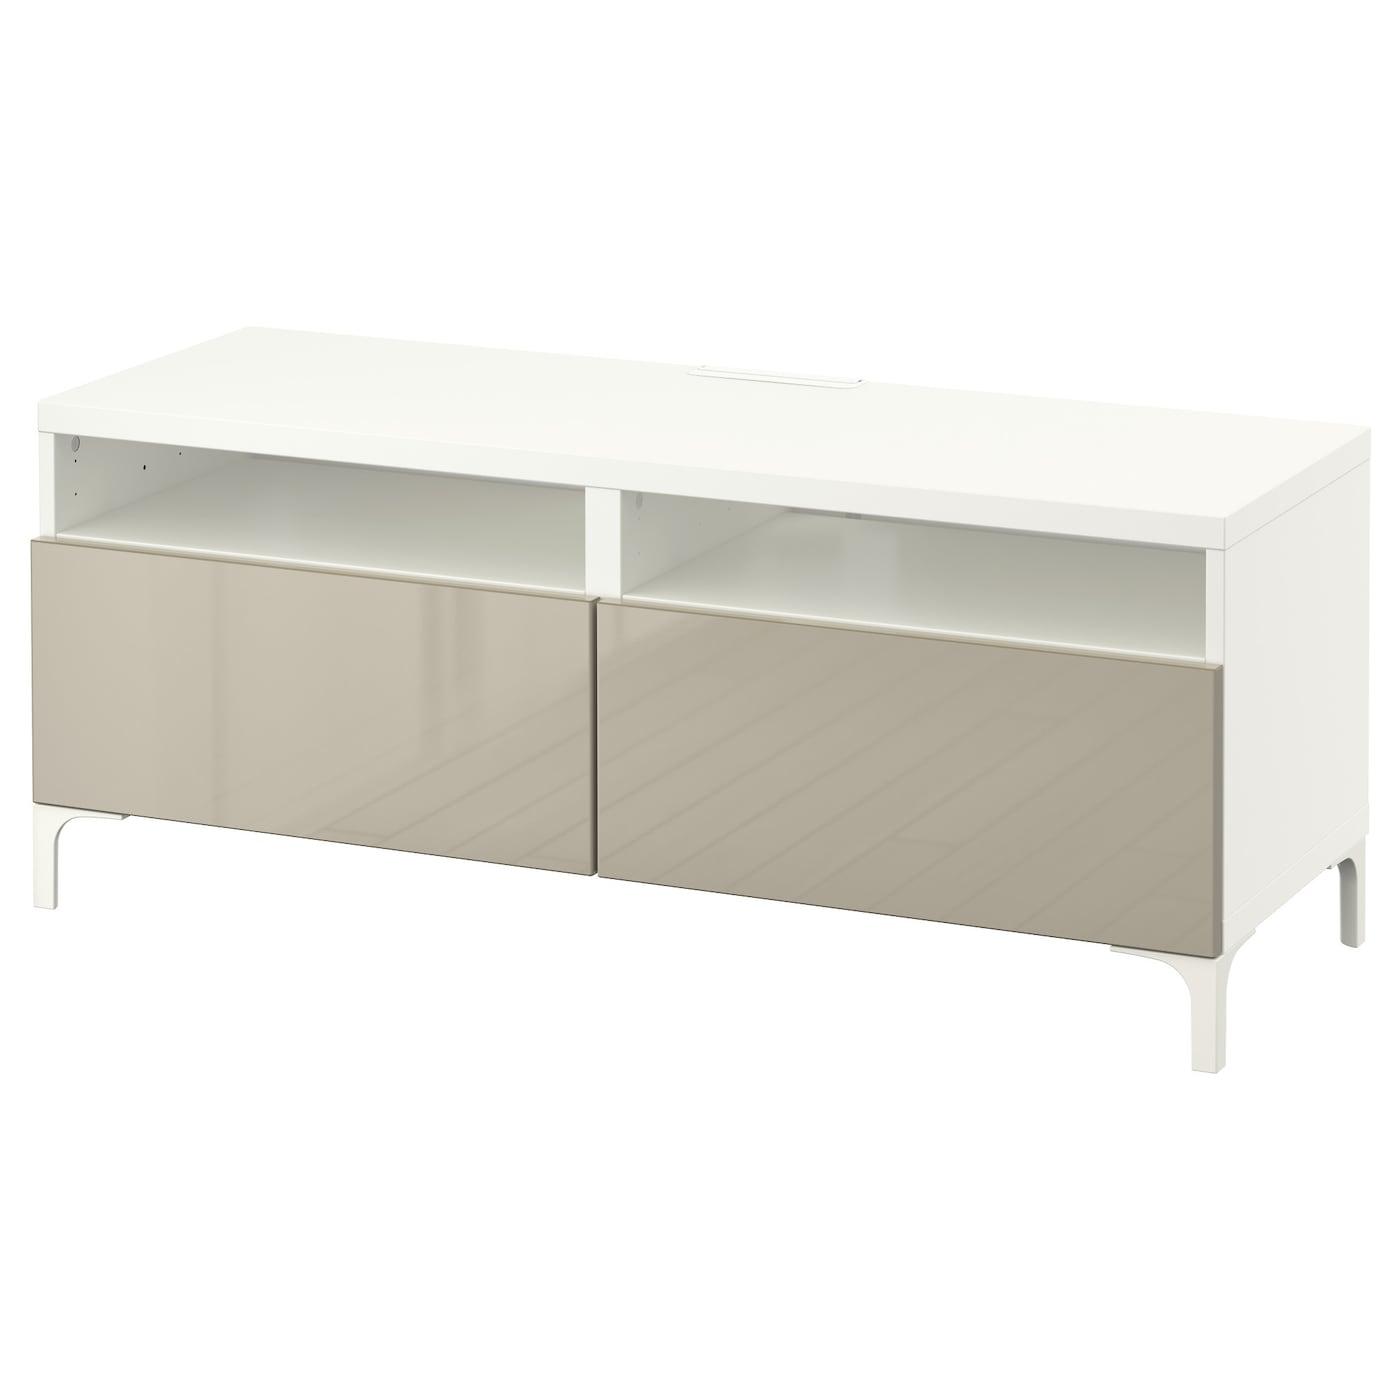 Muebles de TV y Muebles para el Salón | Compra Online IKEA - photo#44